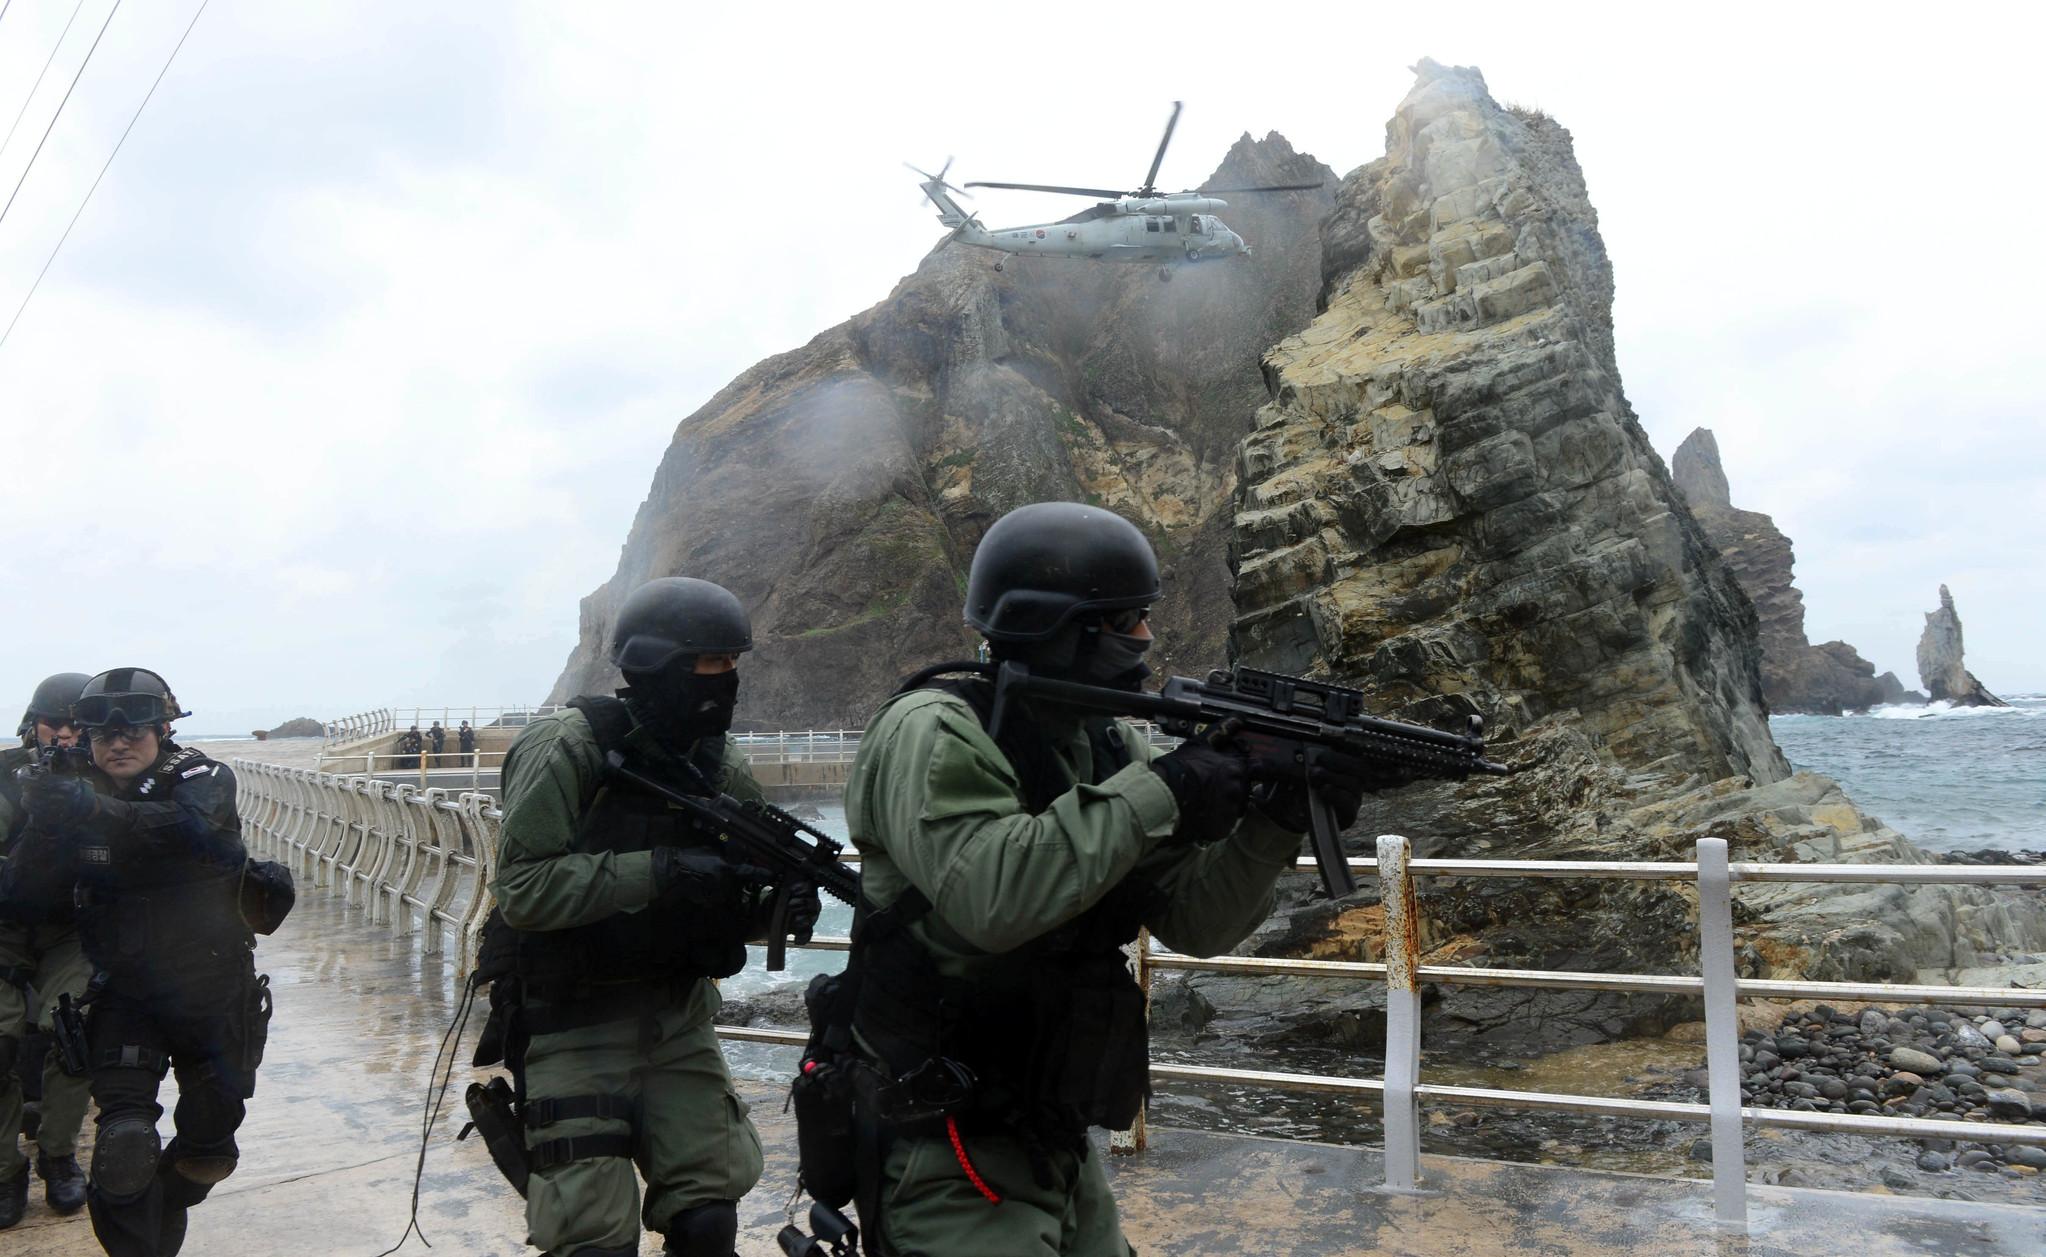 UH-60 헬기를 이용해 독도에 상륙한 해군 특수전부대(UDT/SEAL)와 해경 특공대 대원들이 훈련하고 있는 모습. [사진 해군]